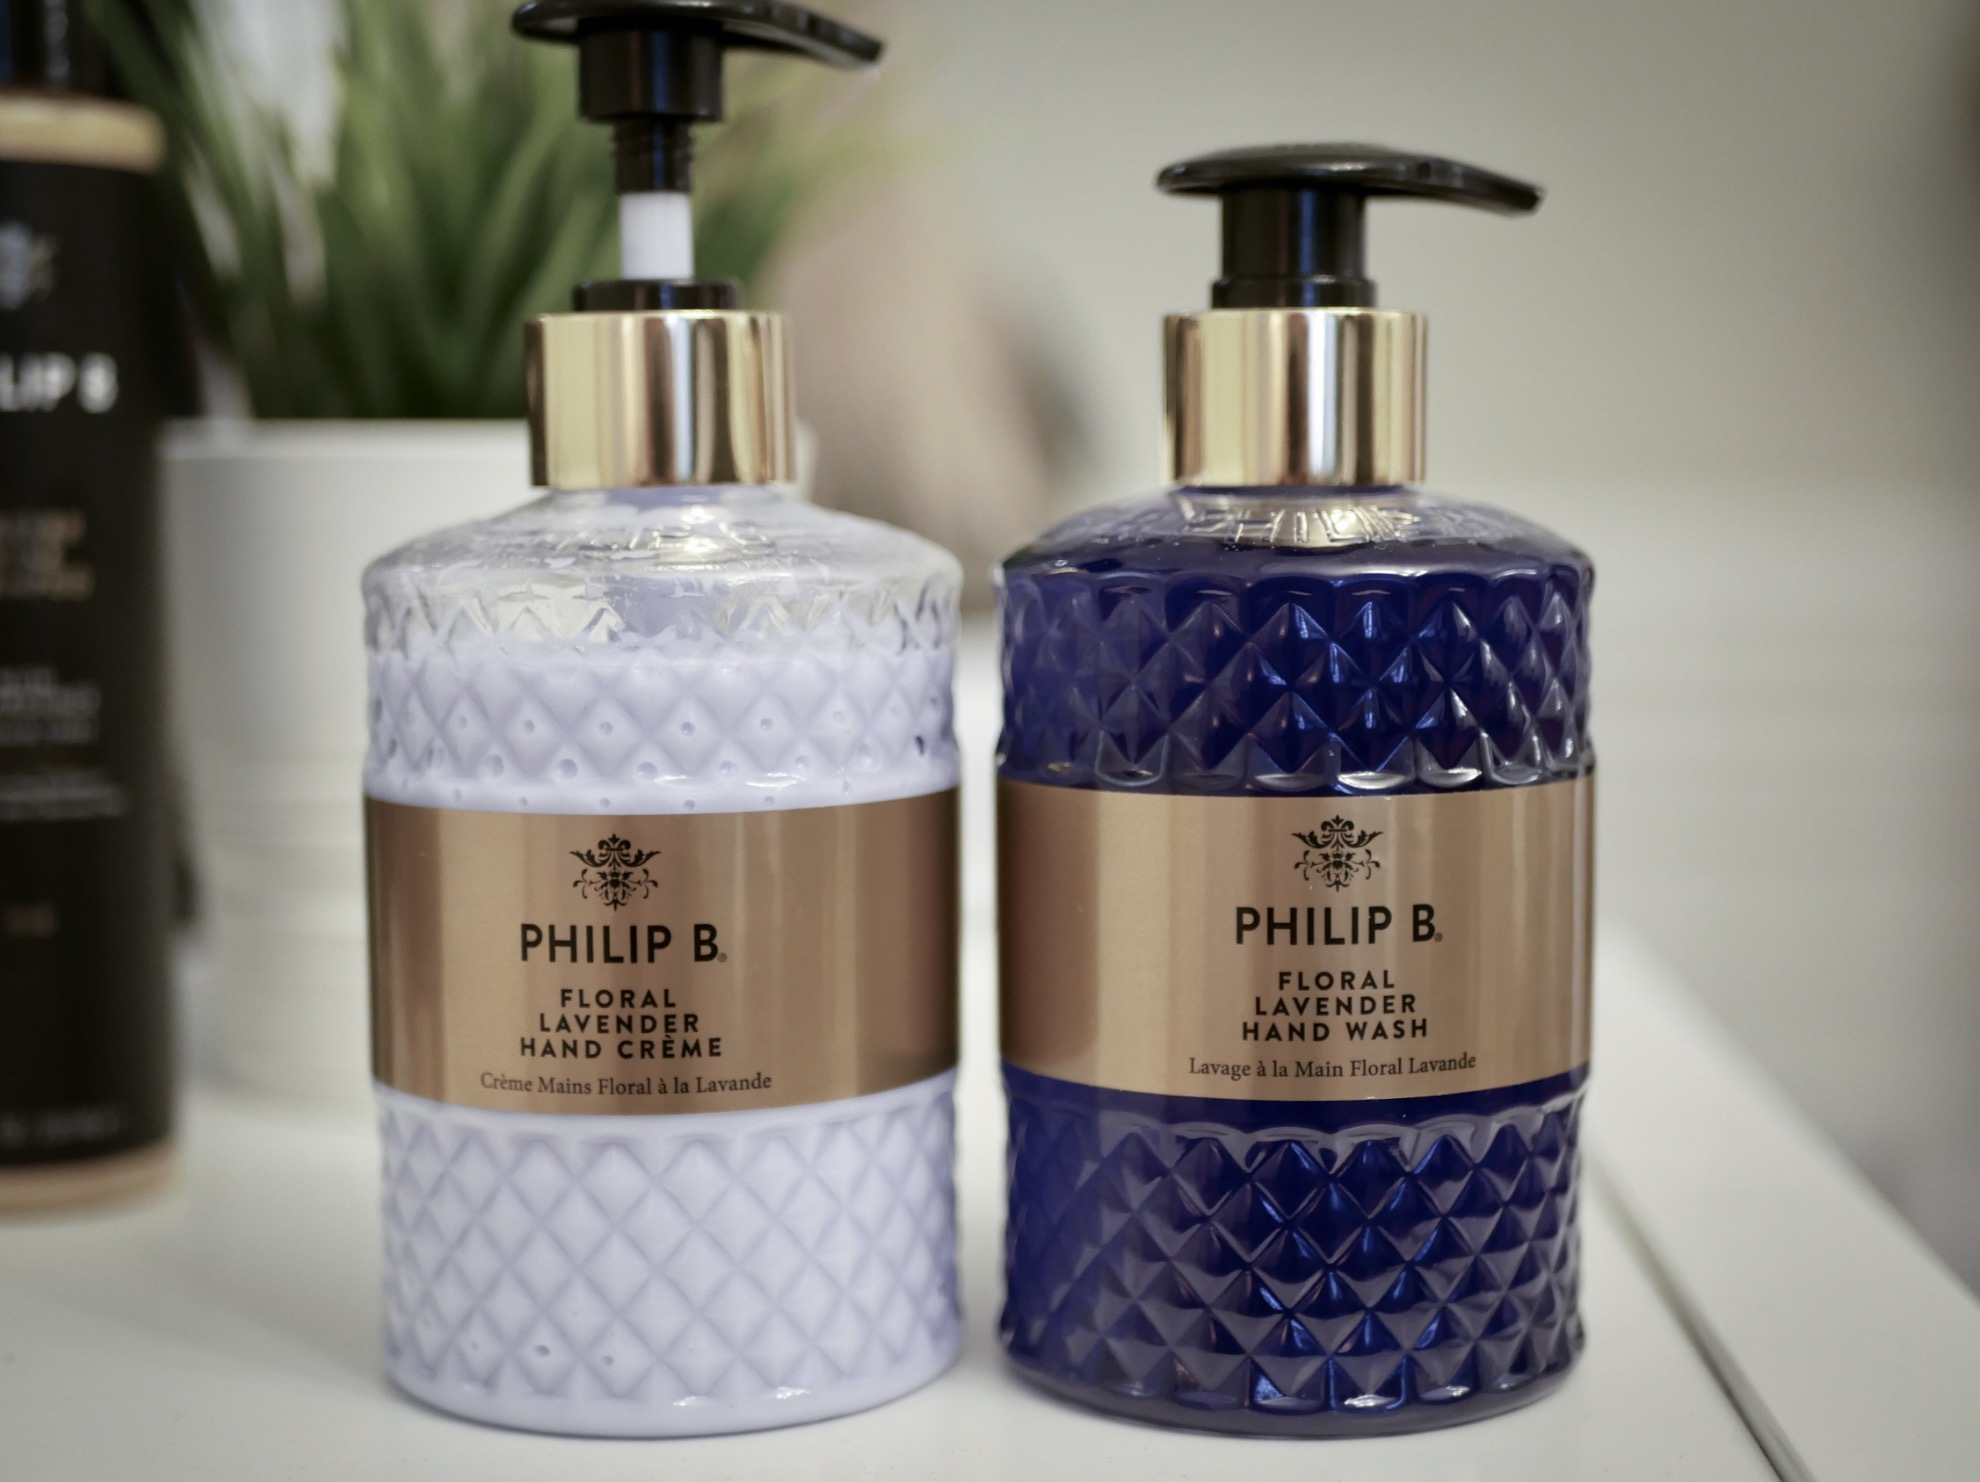 Philip B har utökat hårvårdsserien med botanisk hudvård.